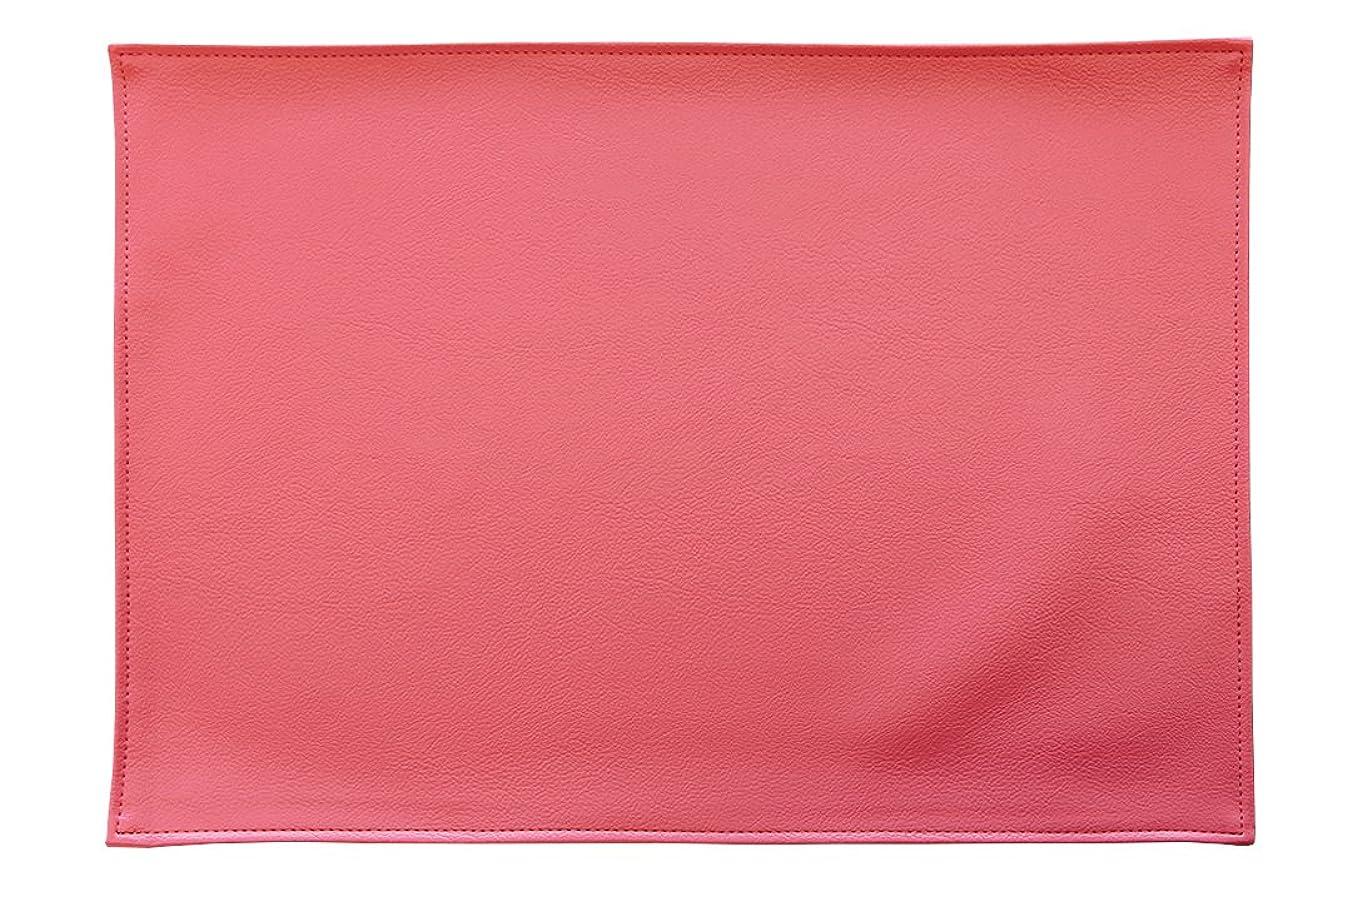 藤色タバコ温度計TEES FACTORY 国産 PVC レザー ランチョン プレース マット LEKKU ピンク